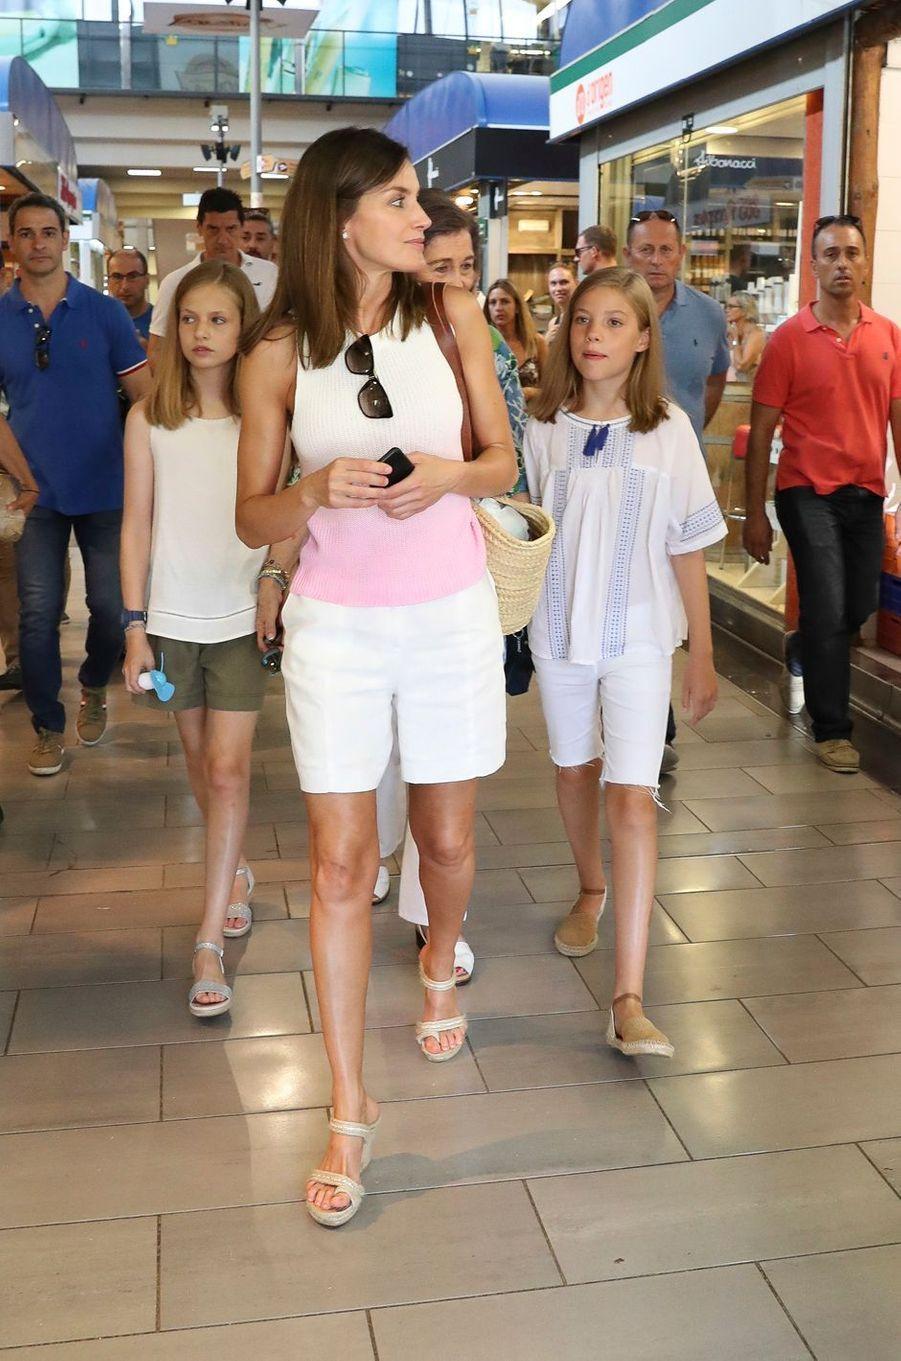 La reine Letizia d'Espagne et ses filles les princesses Leonor et Sofia à Palma de Majorque, le 31 juillet 2018